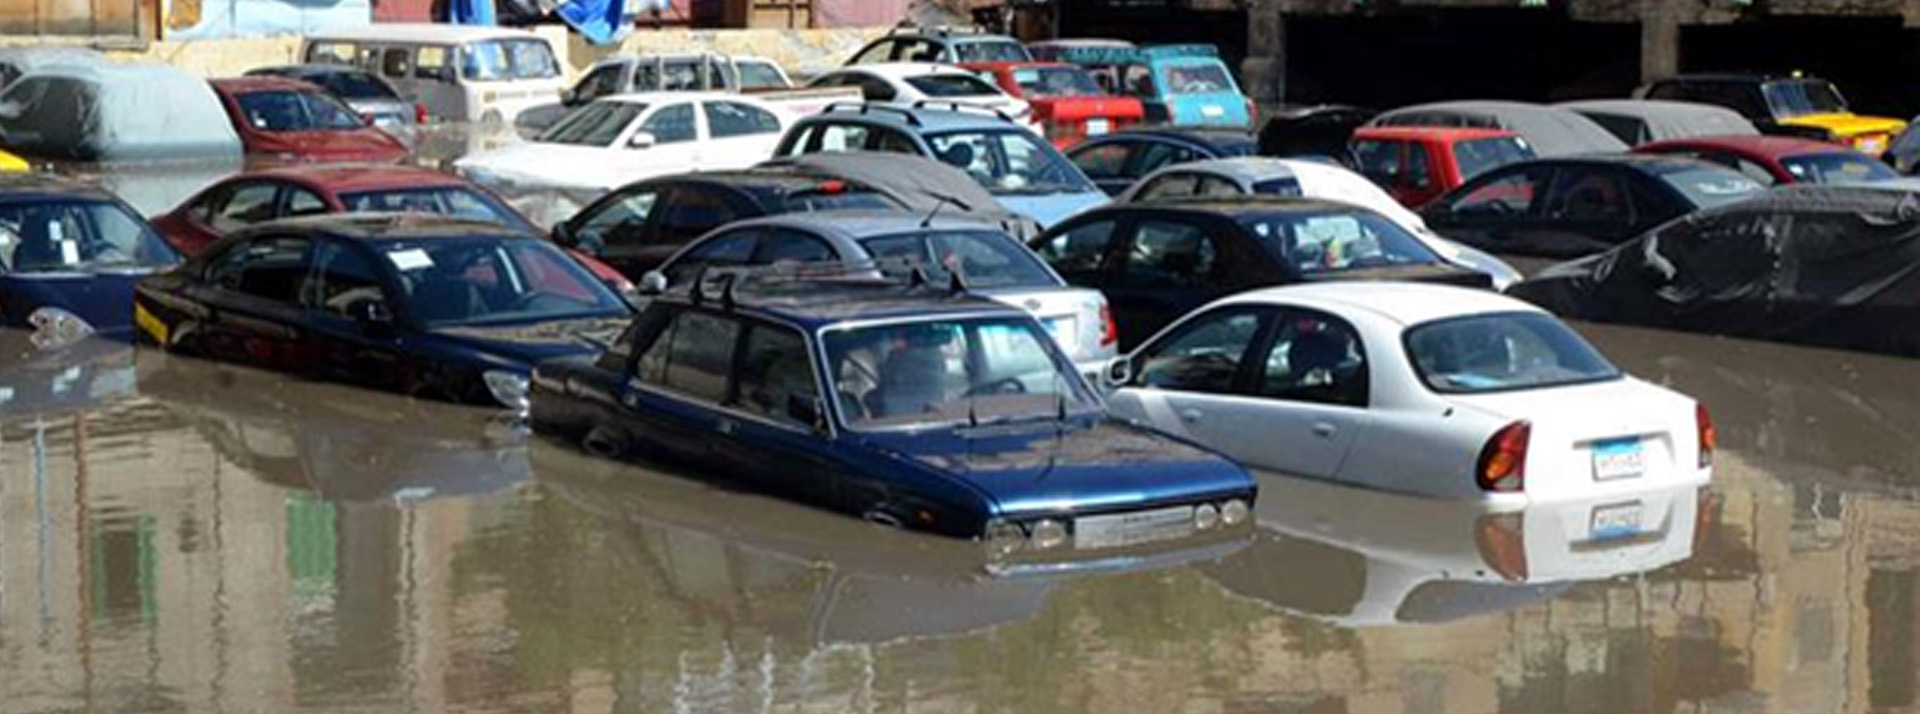 Egypt Flood Relief Fund